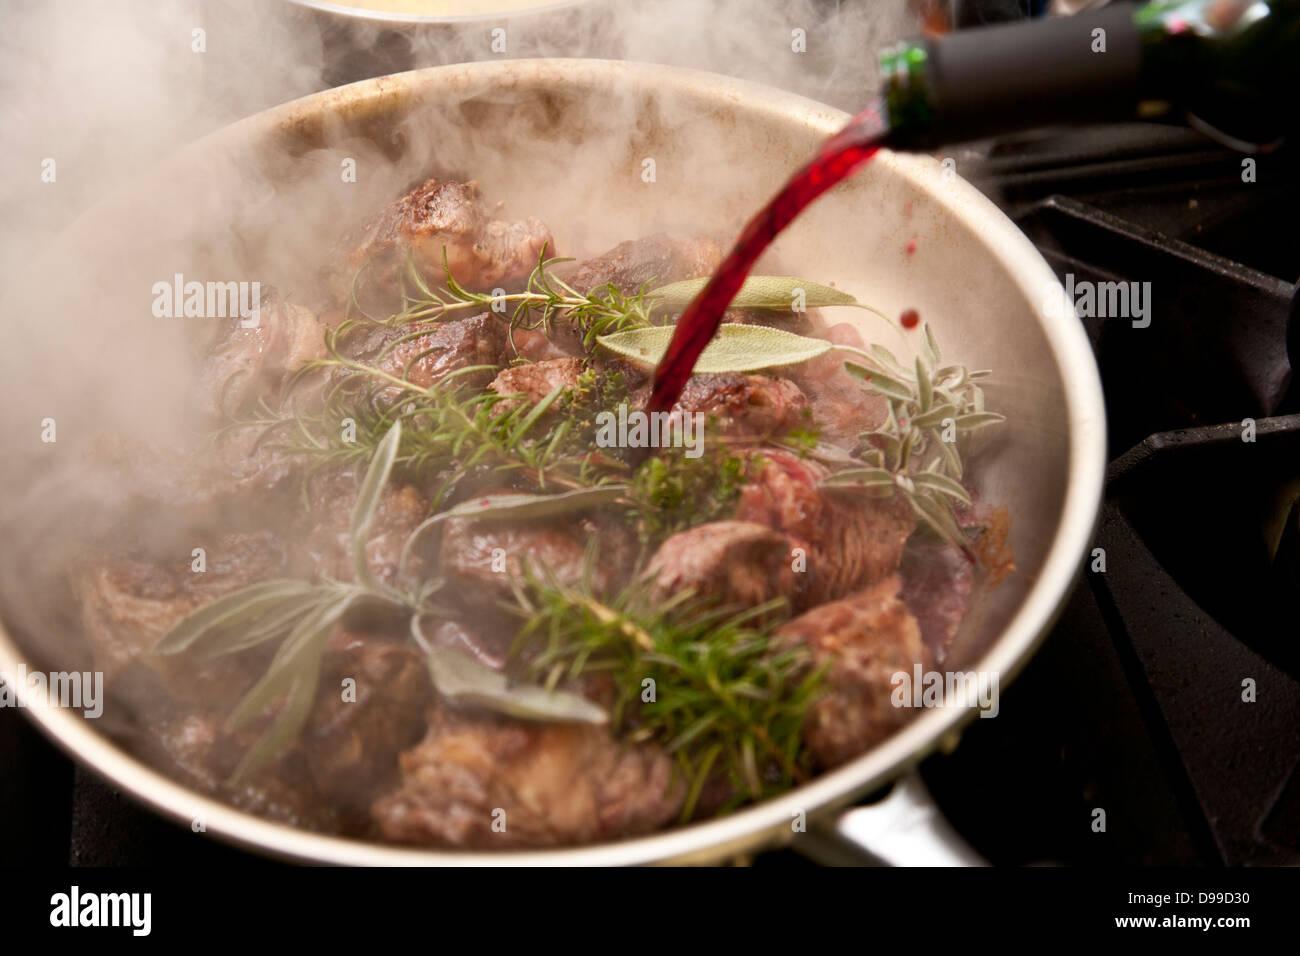 Geschmortes Fleisch in einer Pfanne mit frischen Kräutern und Rotwein Stockbild